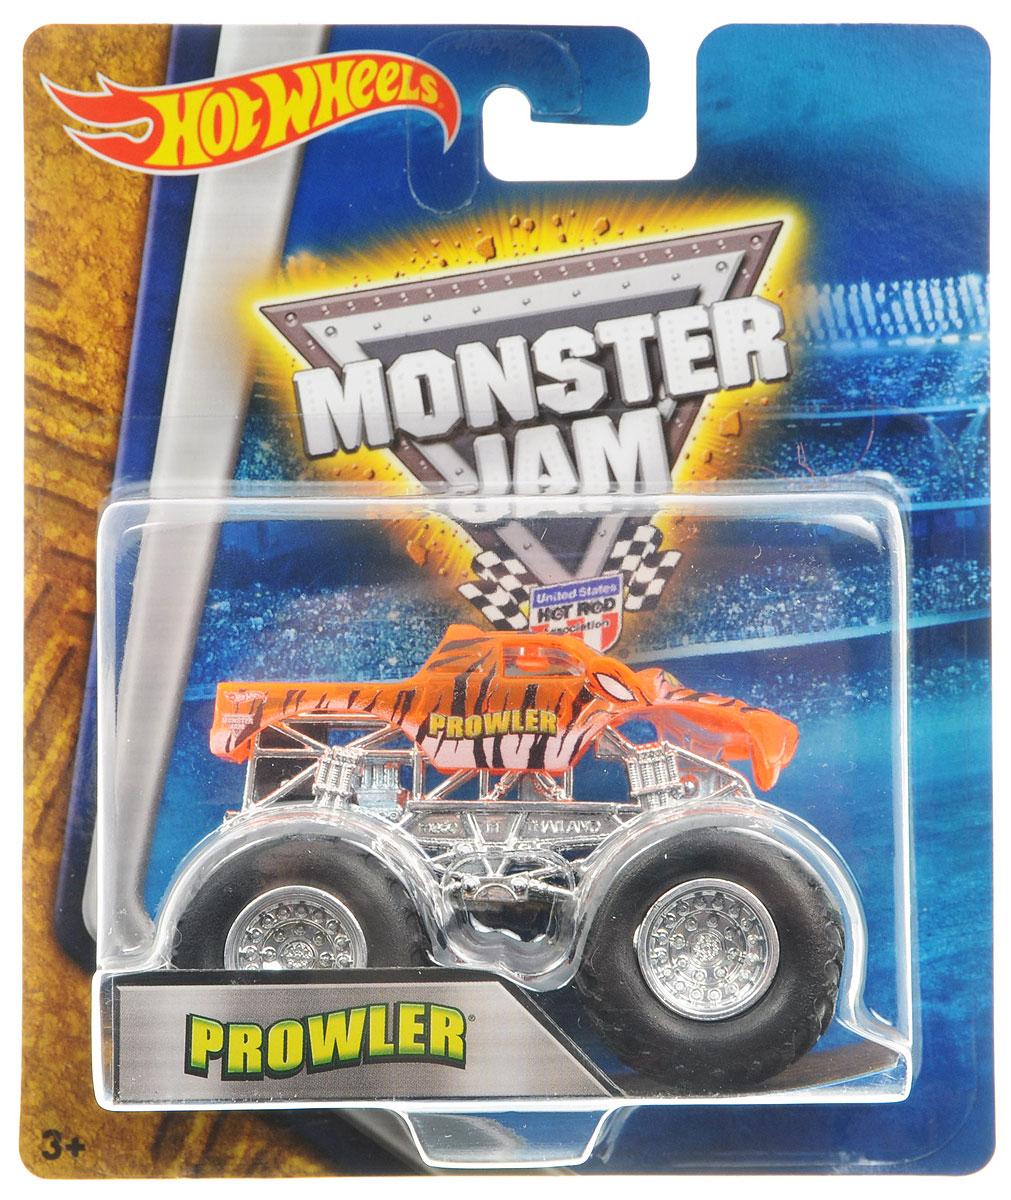 Hot Wheels Monster Jam Машинка ProwlerBHP37_DRR61Машинка Hot Wheels Monster Jam. Prowler - это знаменитая модель легендарного автомобиля с большими колесами в масштабе 1:64. Литой корпус, сверкающая кабина, хромированные диски. Внедорожник с неповторимым тюнингом оценят как дети, так и взрослые! Детали игрушки выполнены из высококачественных материалов и абсолютно безопасны для детей. Порадуйте своего малыша таким замечательным подарком!